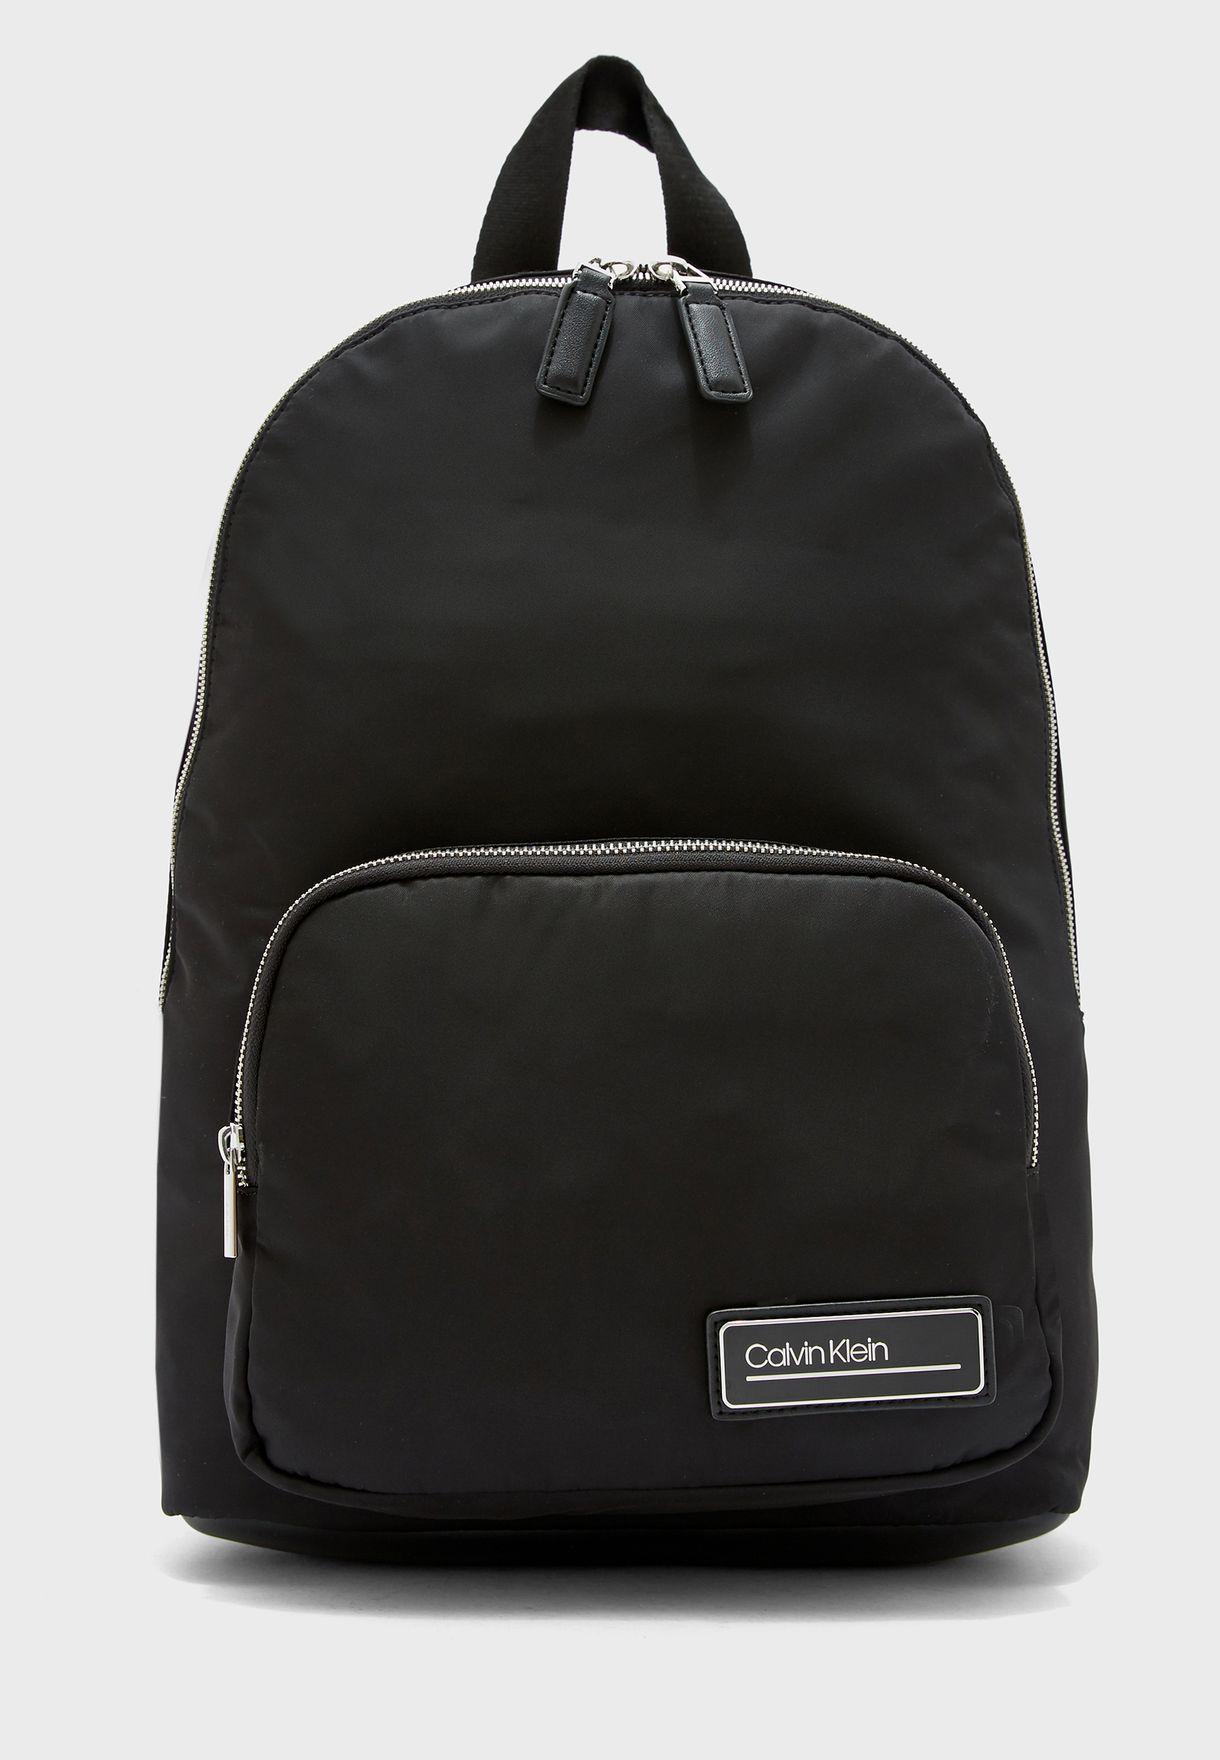 حقيبة ظهر مدورة